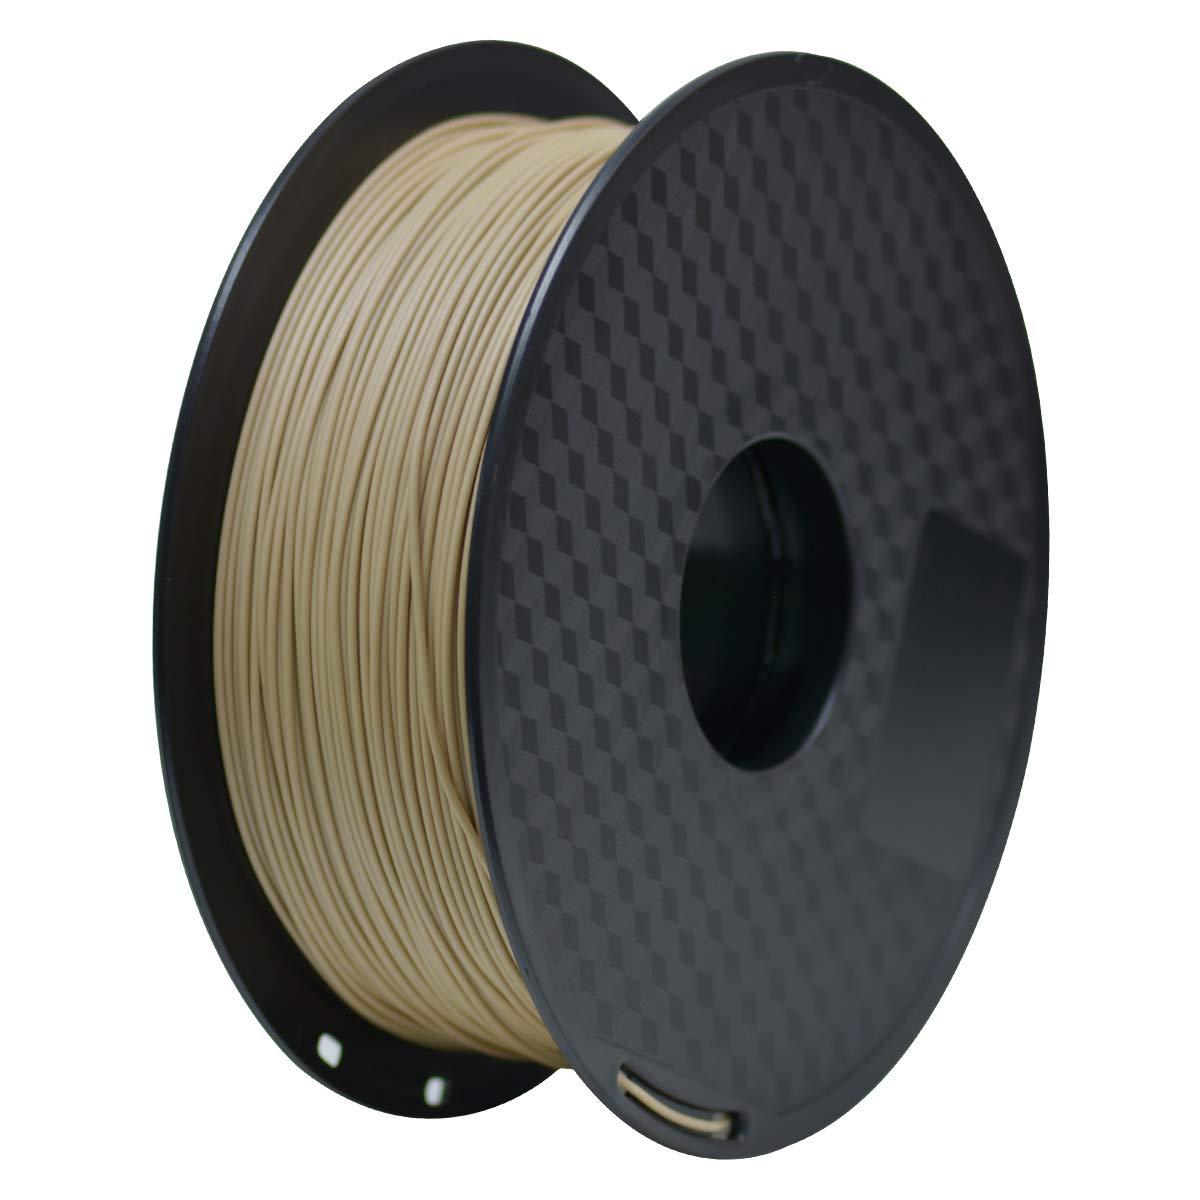 PLA Filament 1.75mm, Geeetech 3D Printer PLA Filament,1.75mm,1kg per Spool,Wood